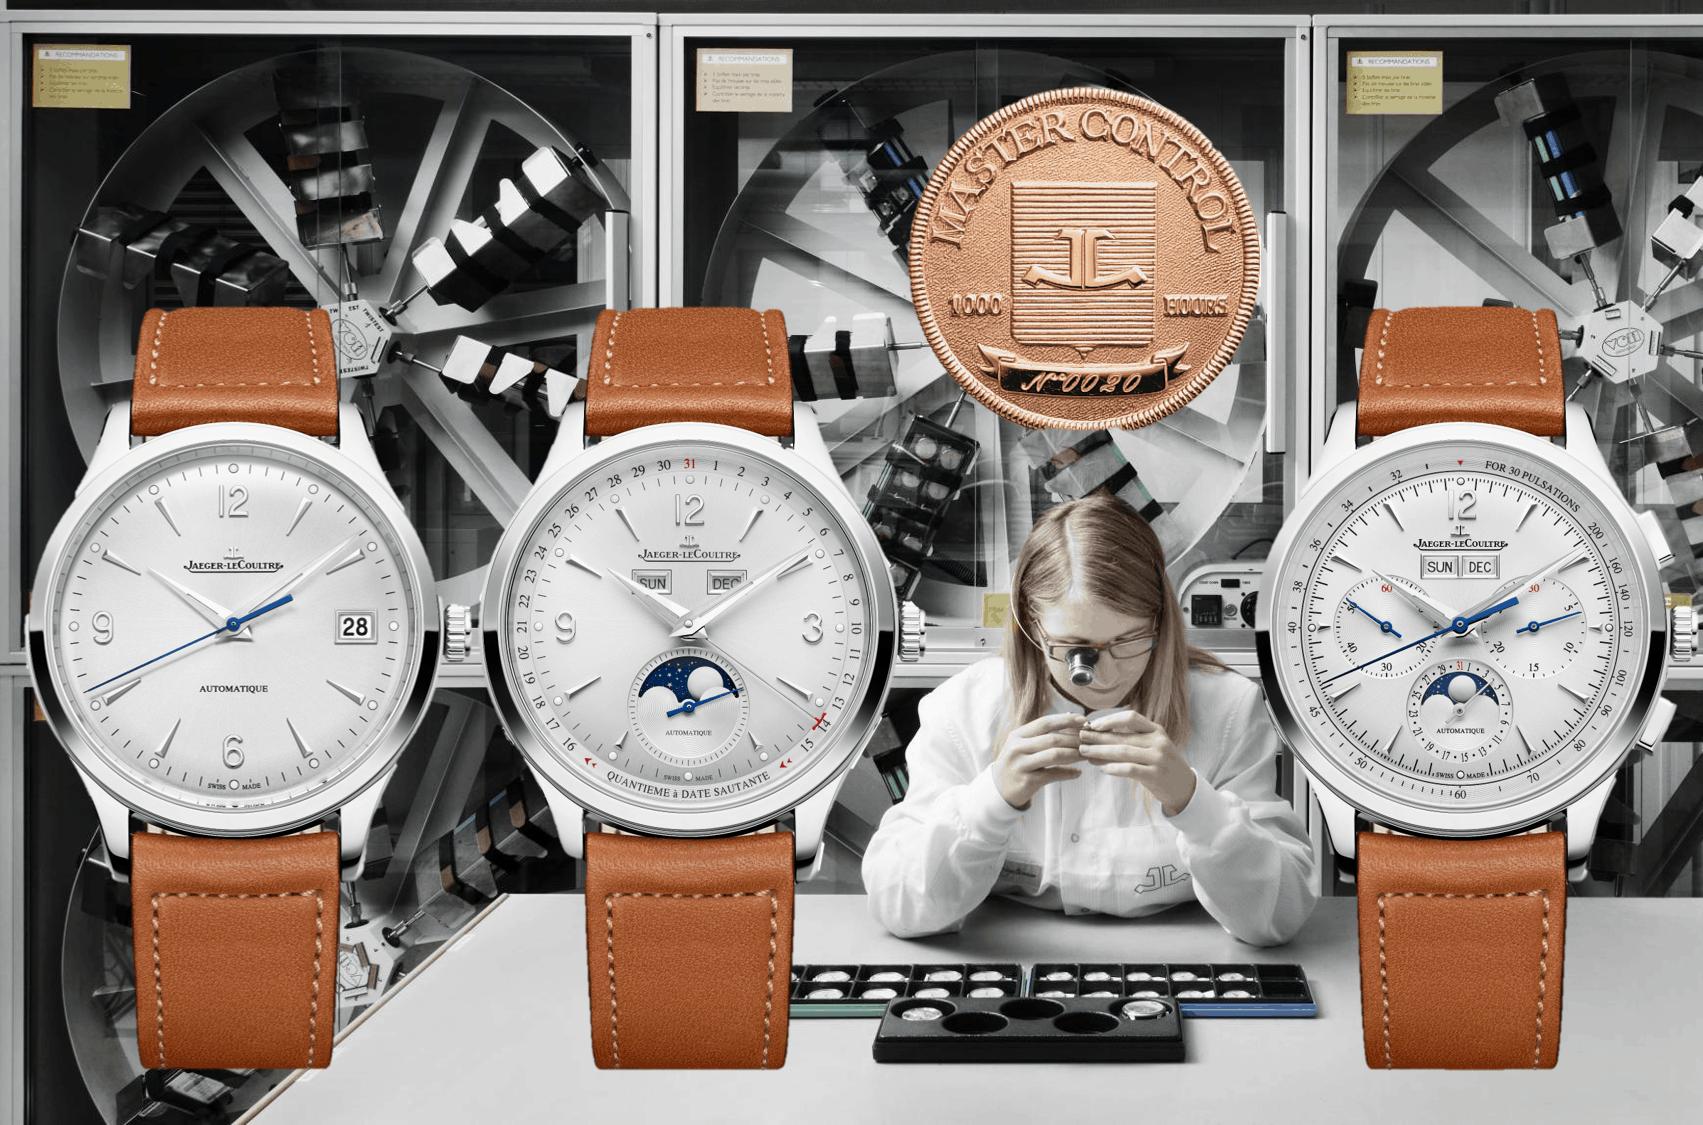 """Jaeger-LeCoultre Master Control Date, Chronograph, Geographic, Chronograph CalendarJaeger-LeCoultre lanciert 4 neue """"Master Control"""" Manufaktur-Modelle"""